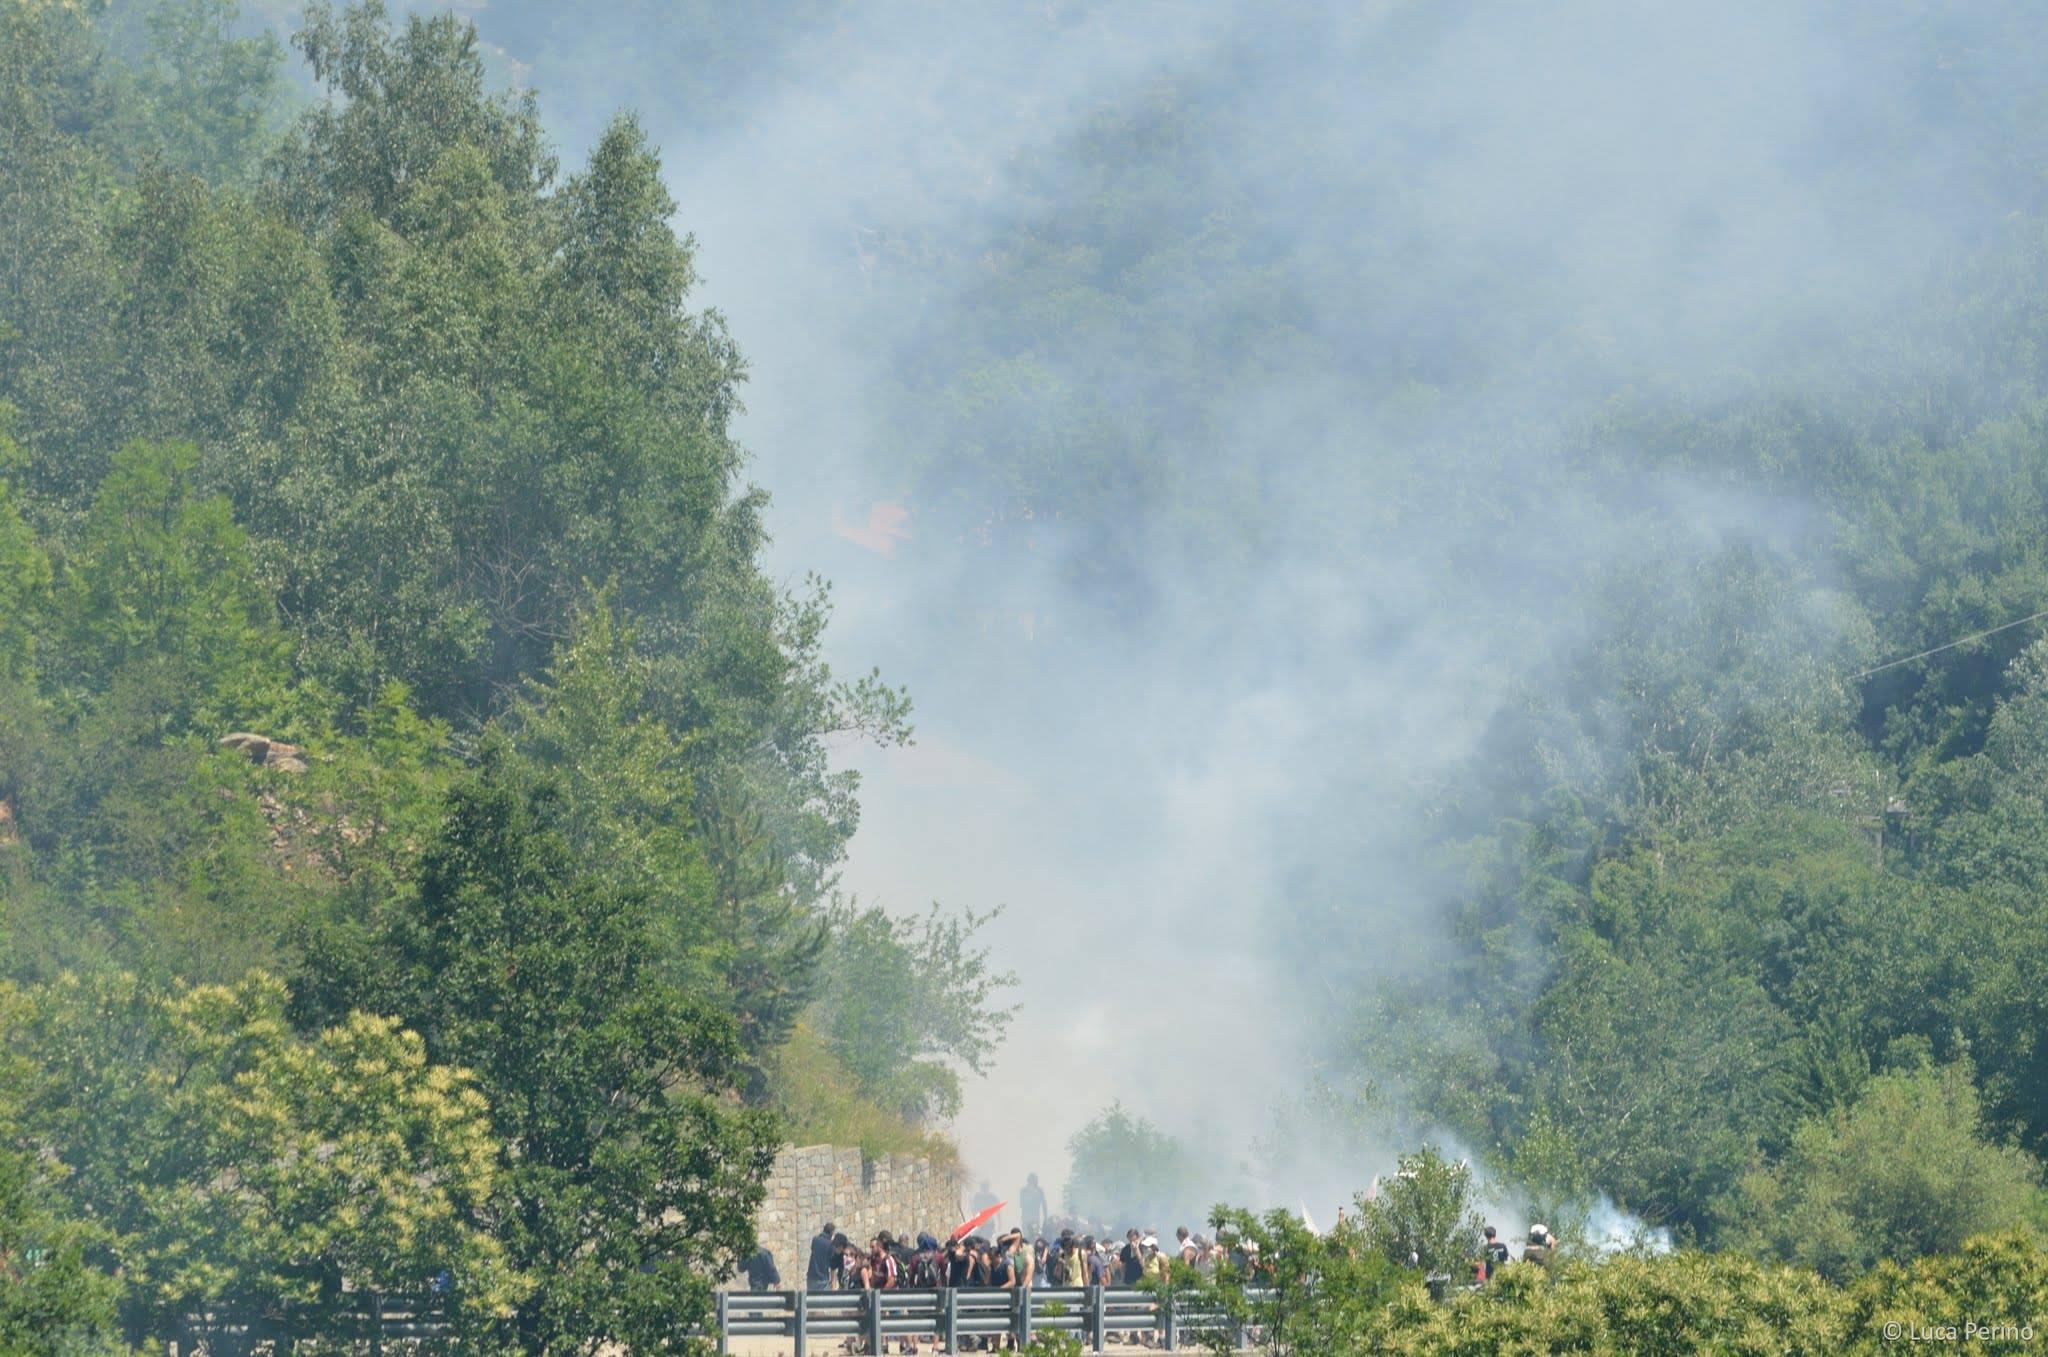 28 juin 2015: le Valsusa noyé de gaz lacrymogènes